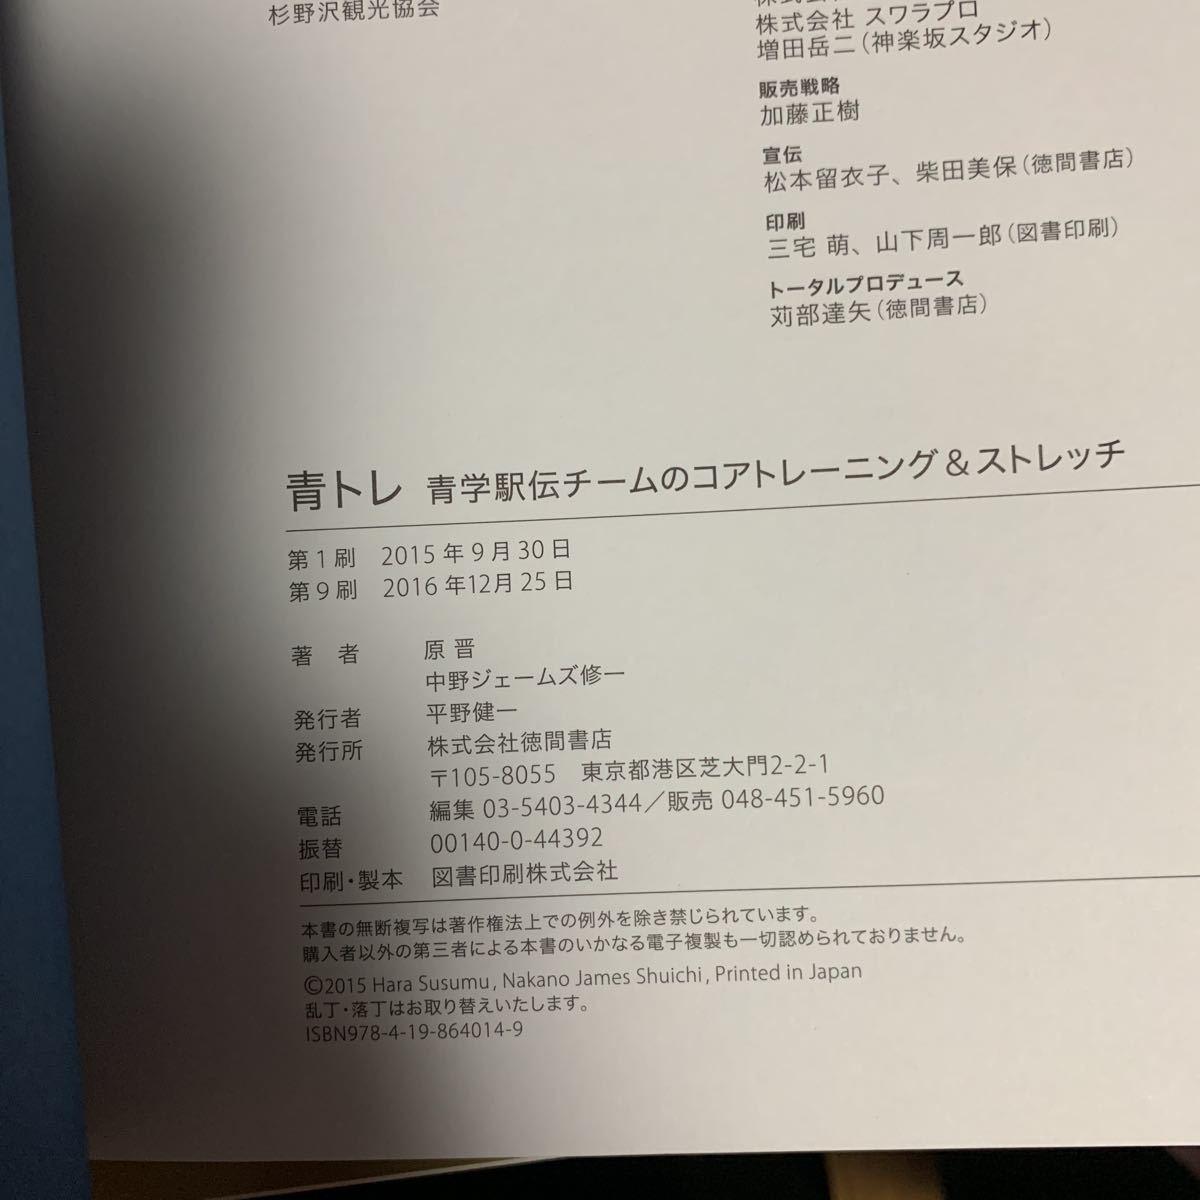 中野ジェームズ修一氏の本3冊 青トレ 動的ストレッチ 子供の運動神経をグングン伸ばす_画像5